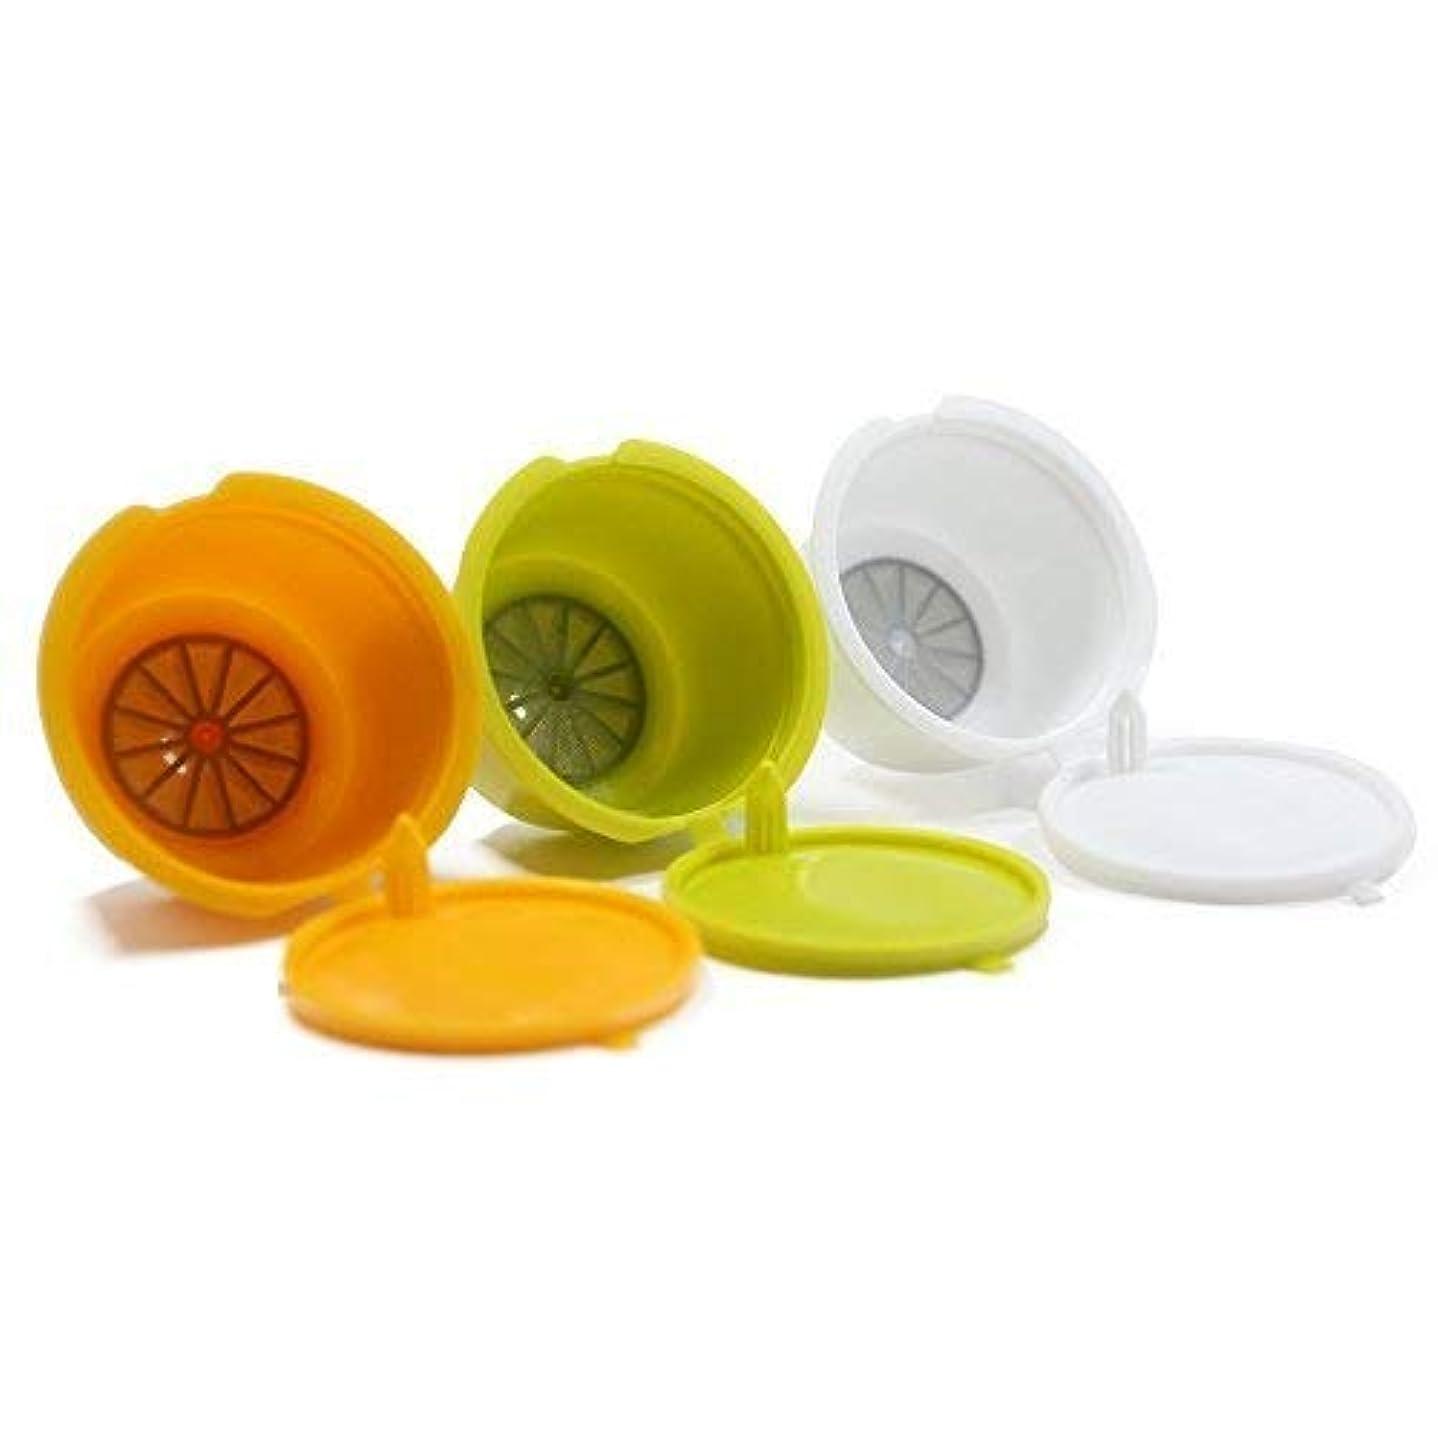 保険スタウトインデックスRecaps BPAフリー詰め替え可能なドルチェゴースト再使用可能なコーヒーカプセルポッドはNescafe Dolce Gusto ブルワーズ 3パック(イエローグリーンホワイト)と互換性があります。